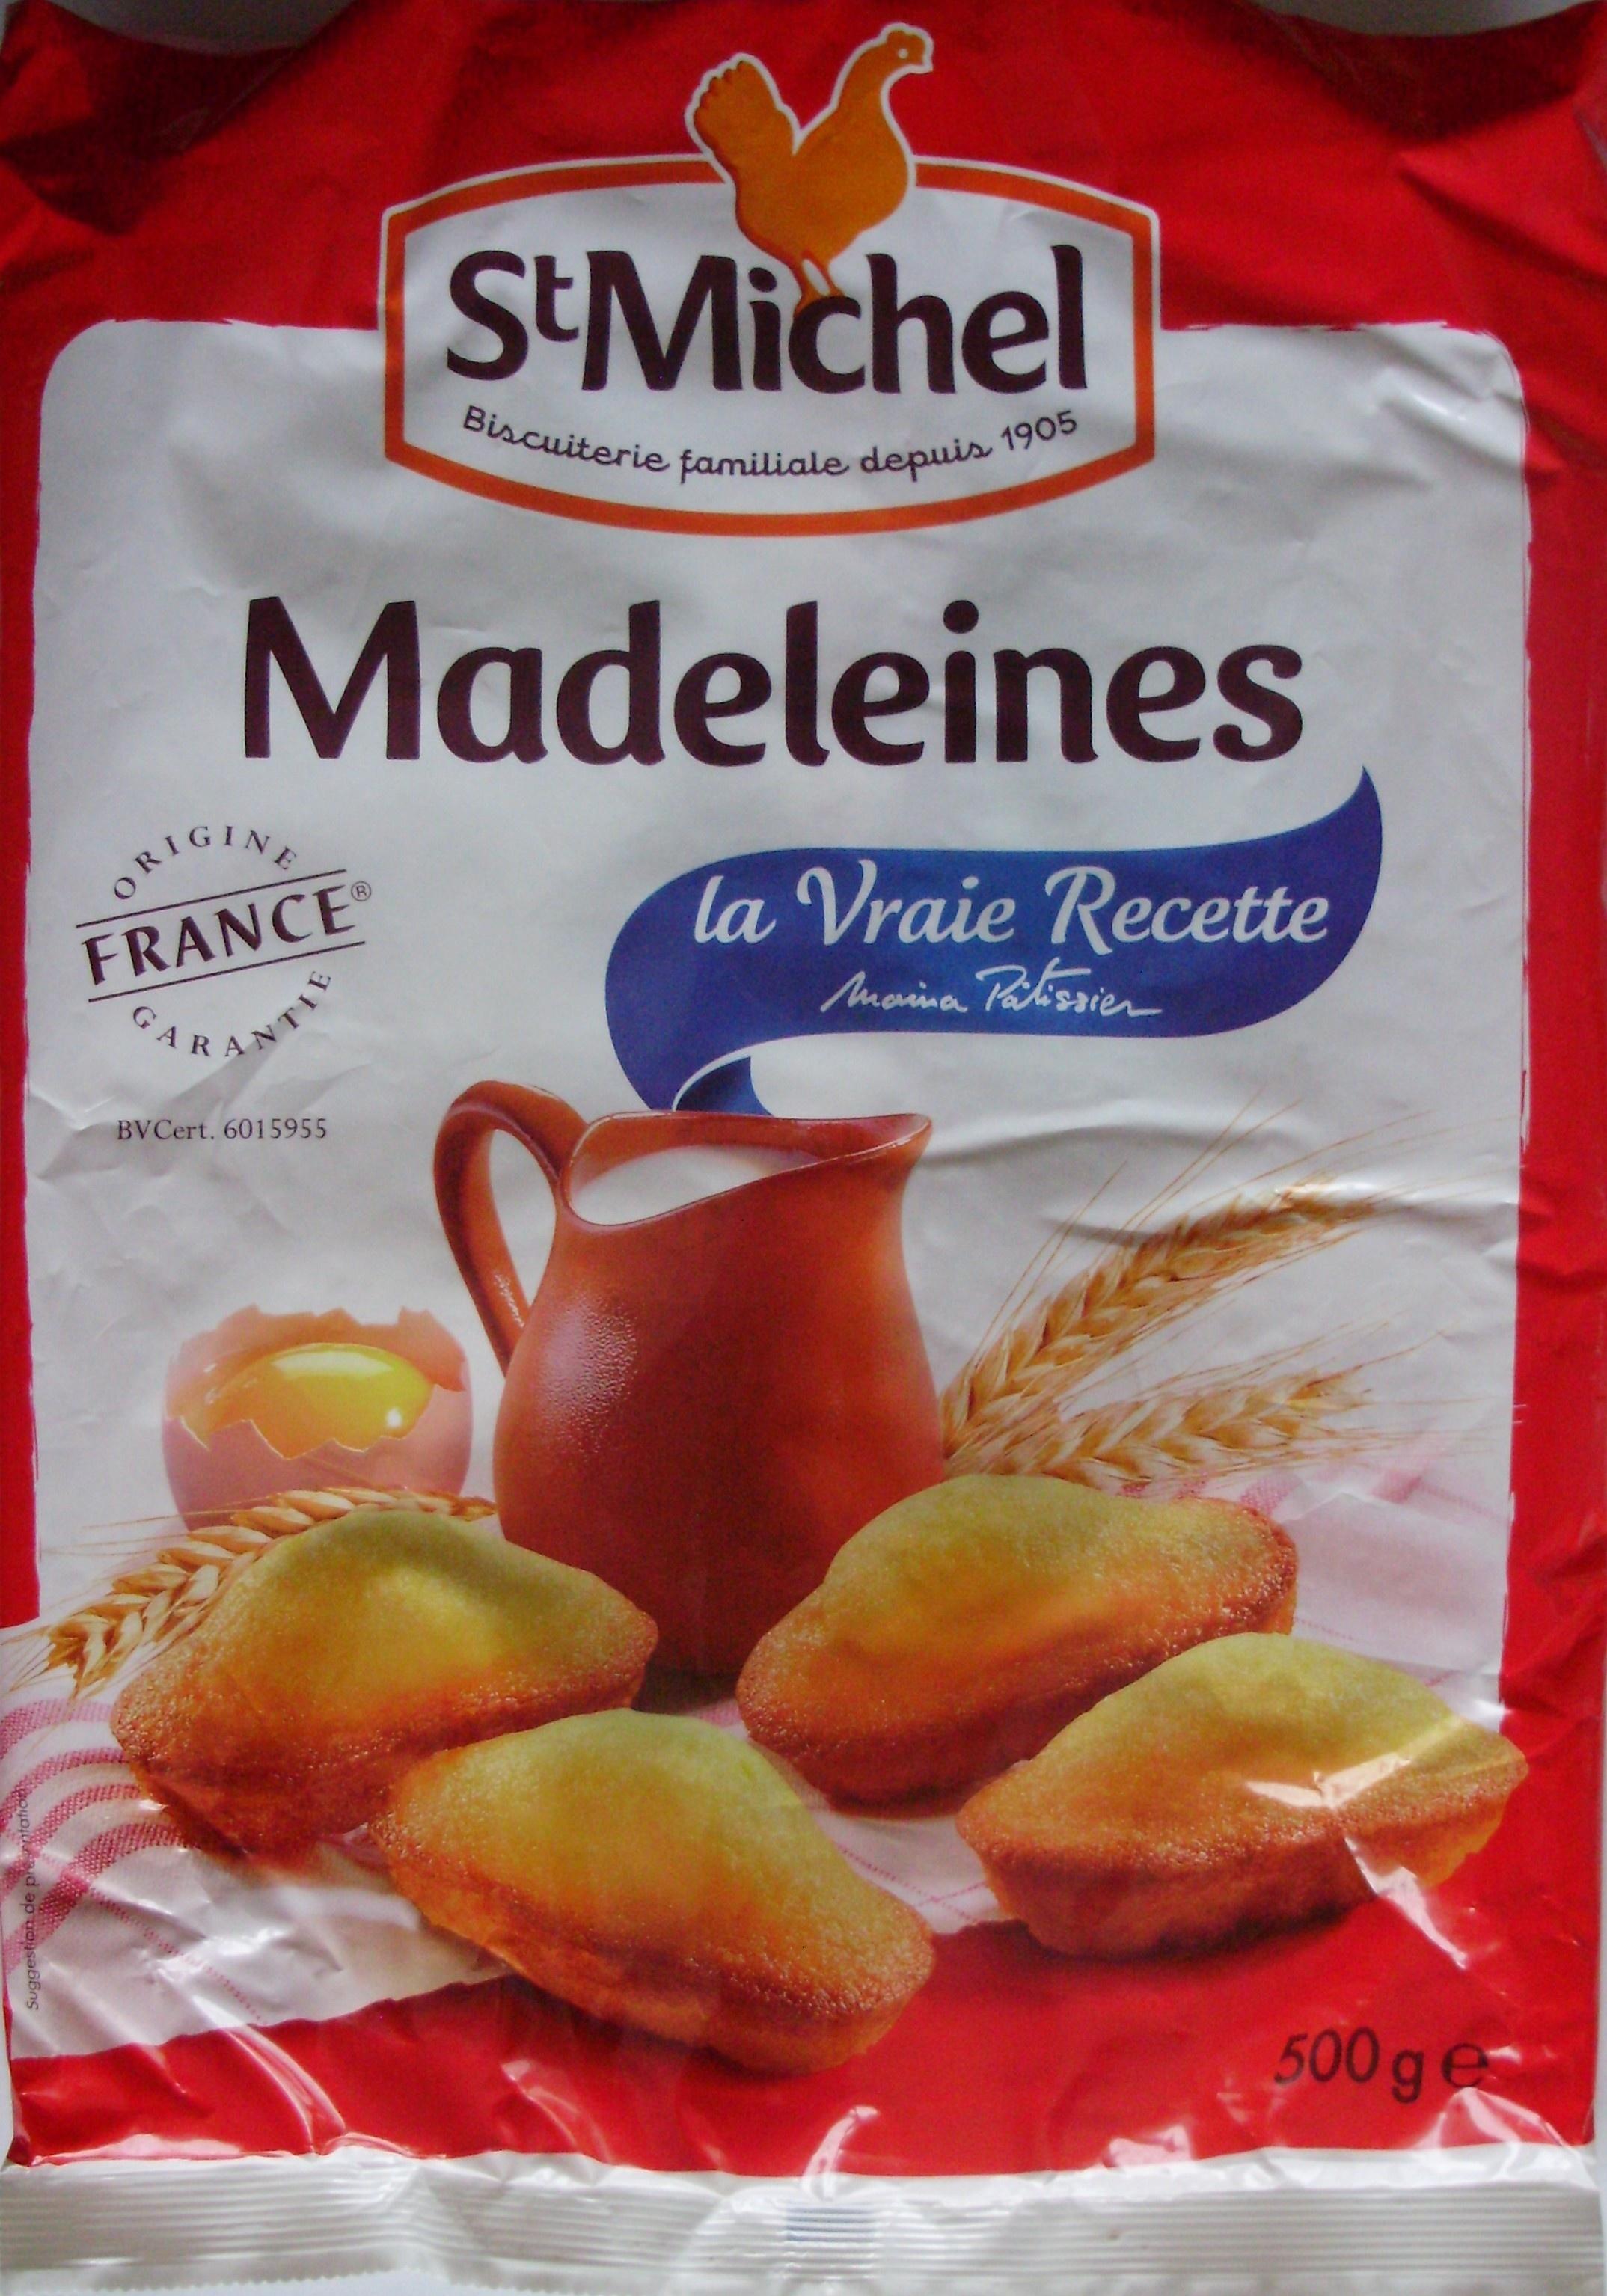 Madeleines la vraie recette st michel 500 g for Produit cuisine